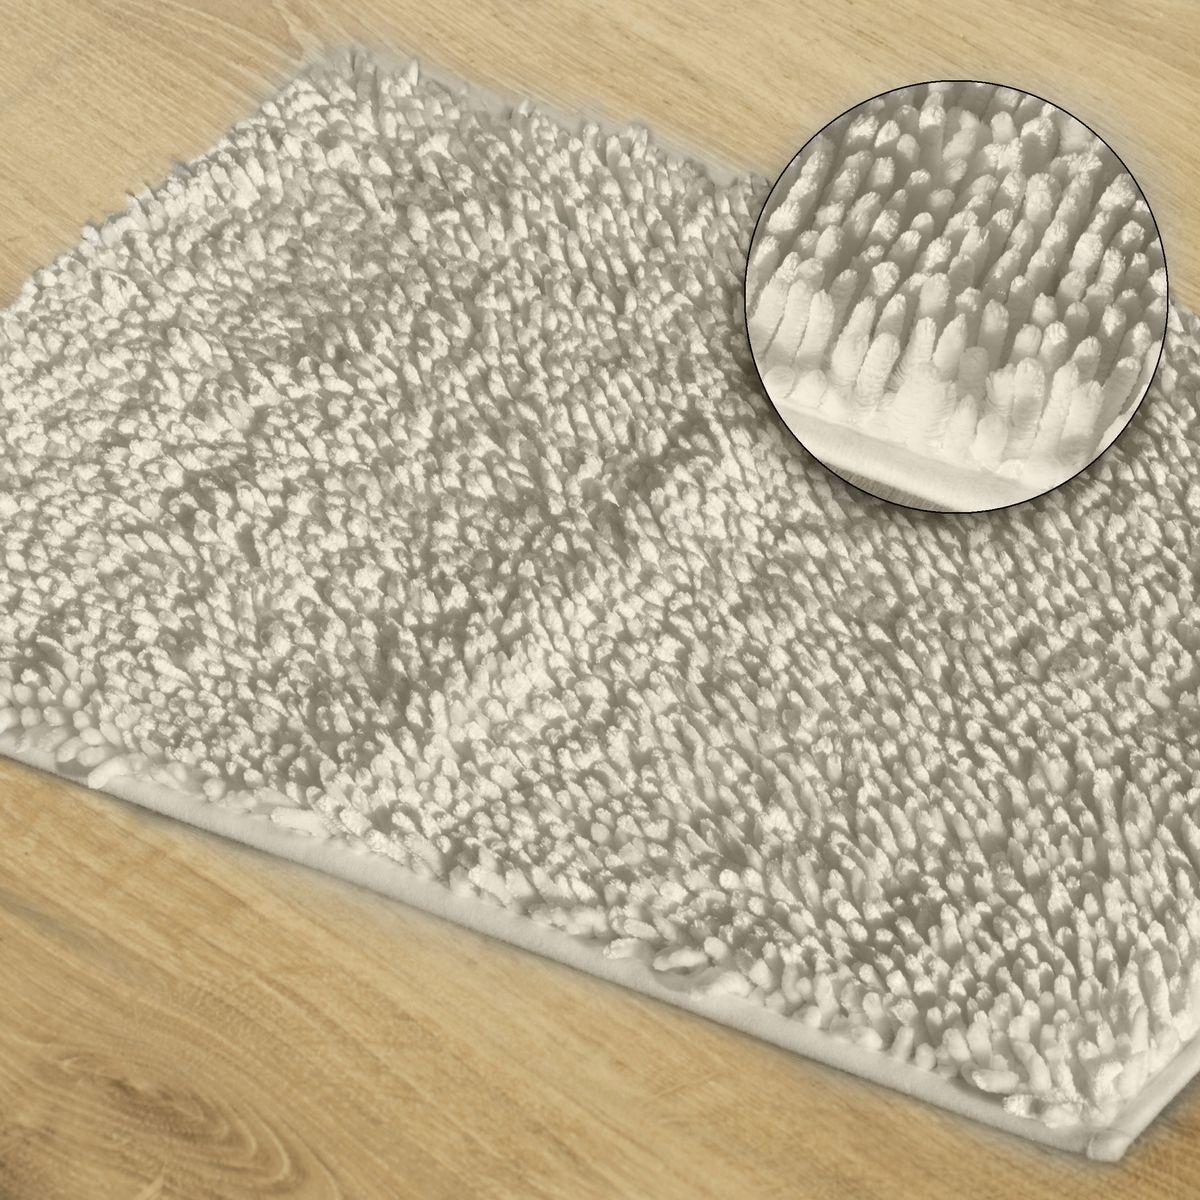 DomTextilu Biely kúpeľňový shaggy koberec Šírka: 50 cm | Dĺžka: 70 cm 44415-208024